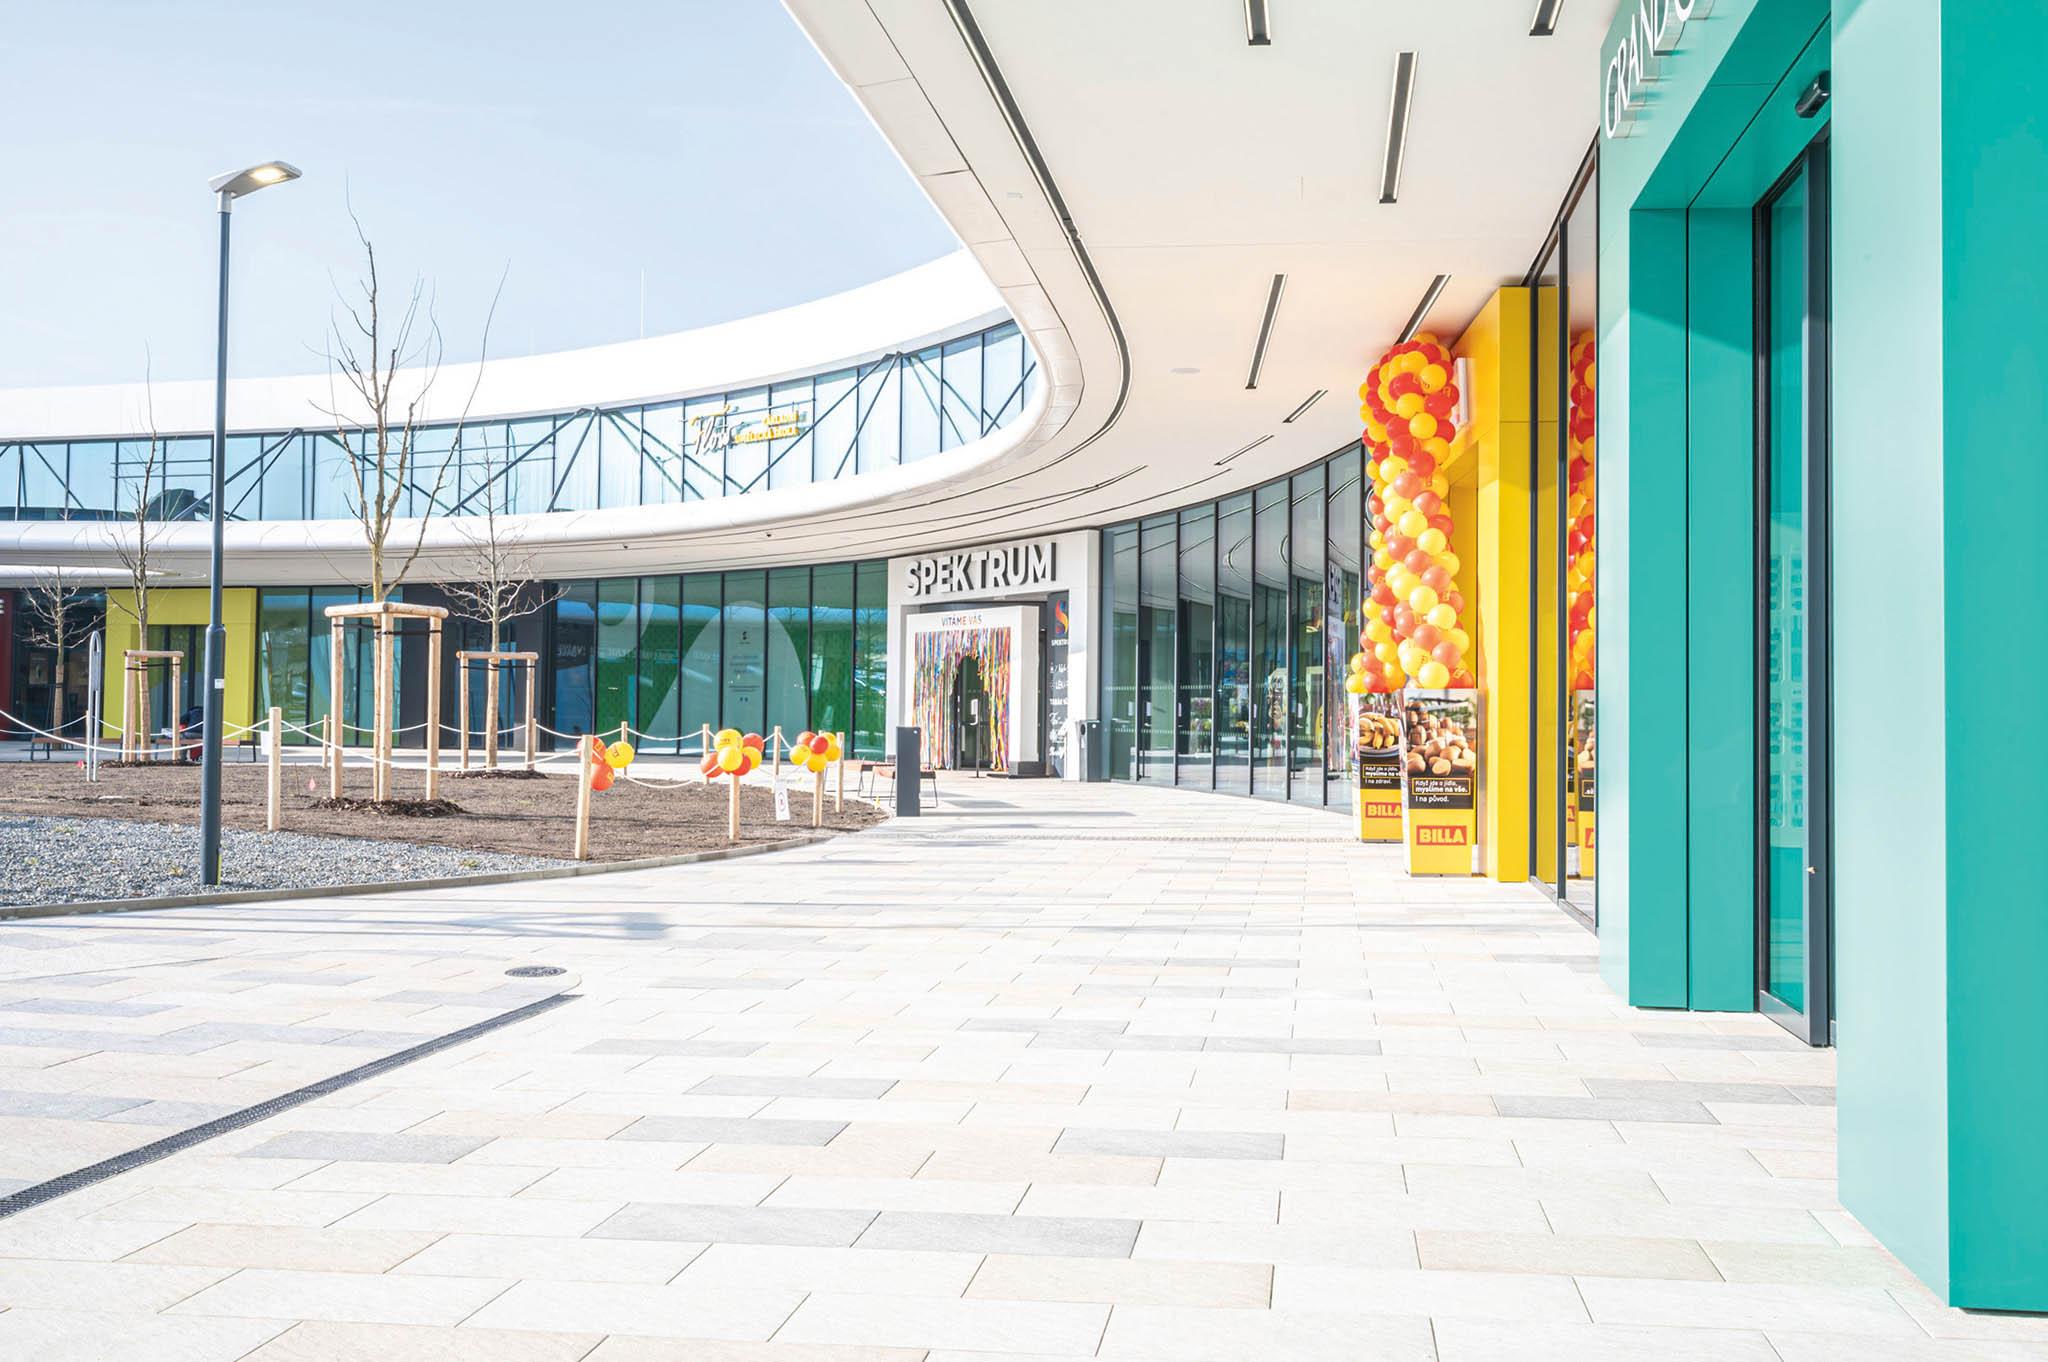 Napozemku pozbouraném nákupním centruvČestlicích uPrahy společnostCPI Property Group postavila avbřeznu letošního roku otevřela nový moderní strip mall. Většina jednotek tohoto centra je přístupná zvenkovní pasáže, některé ale mají i druhé patro.